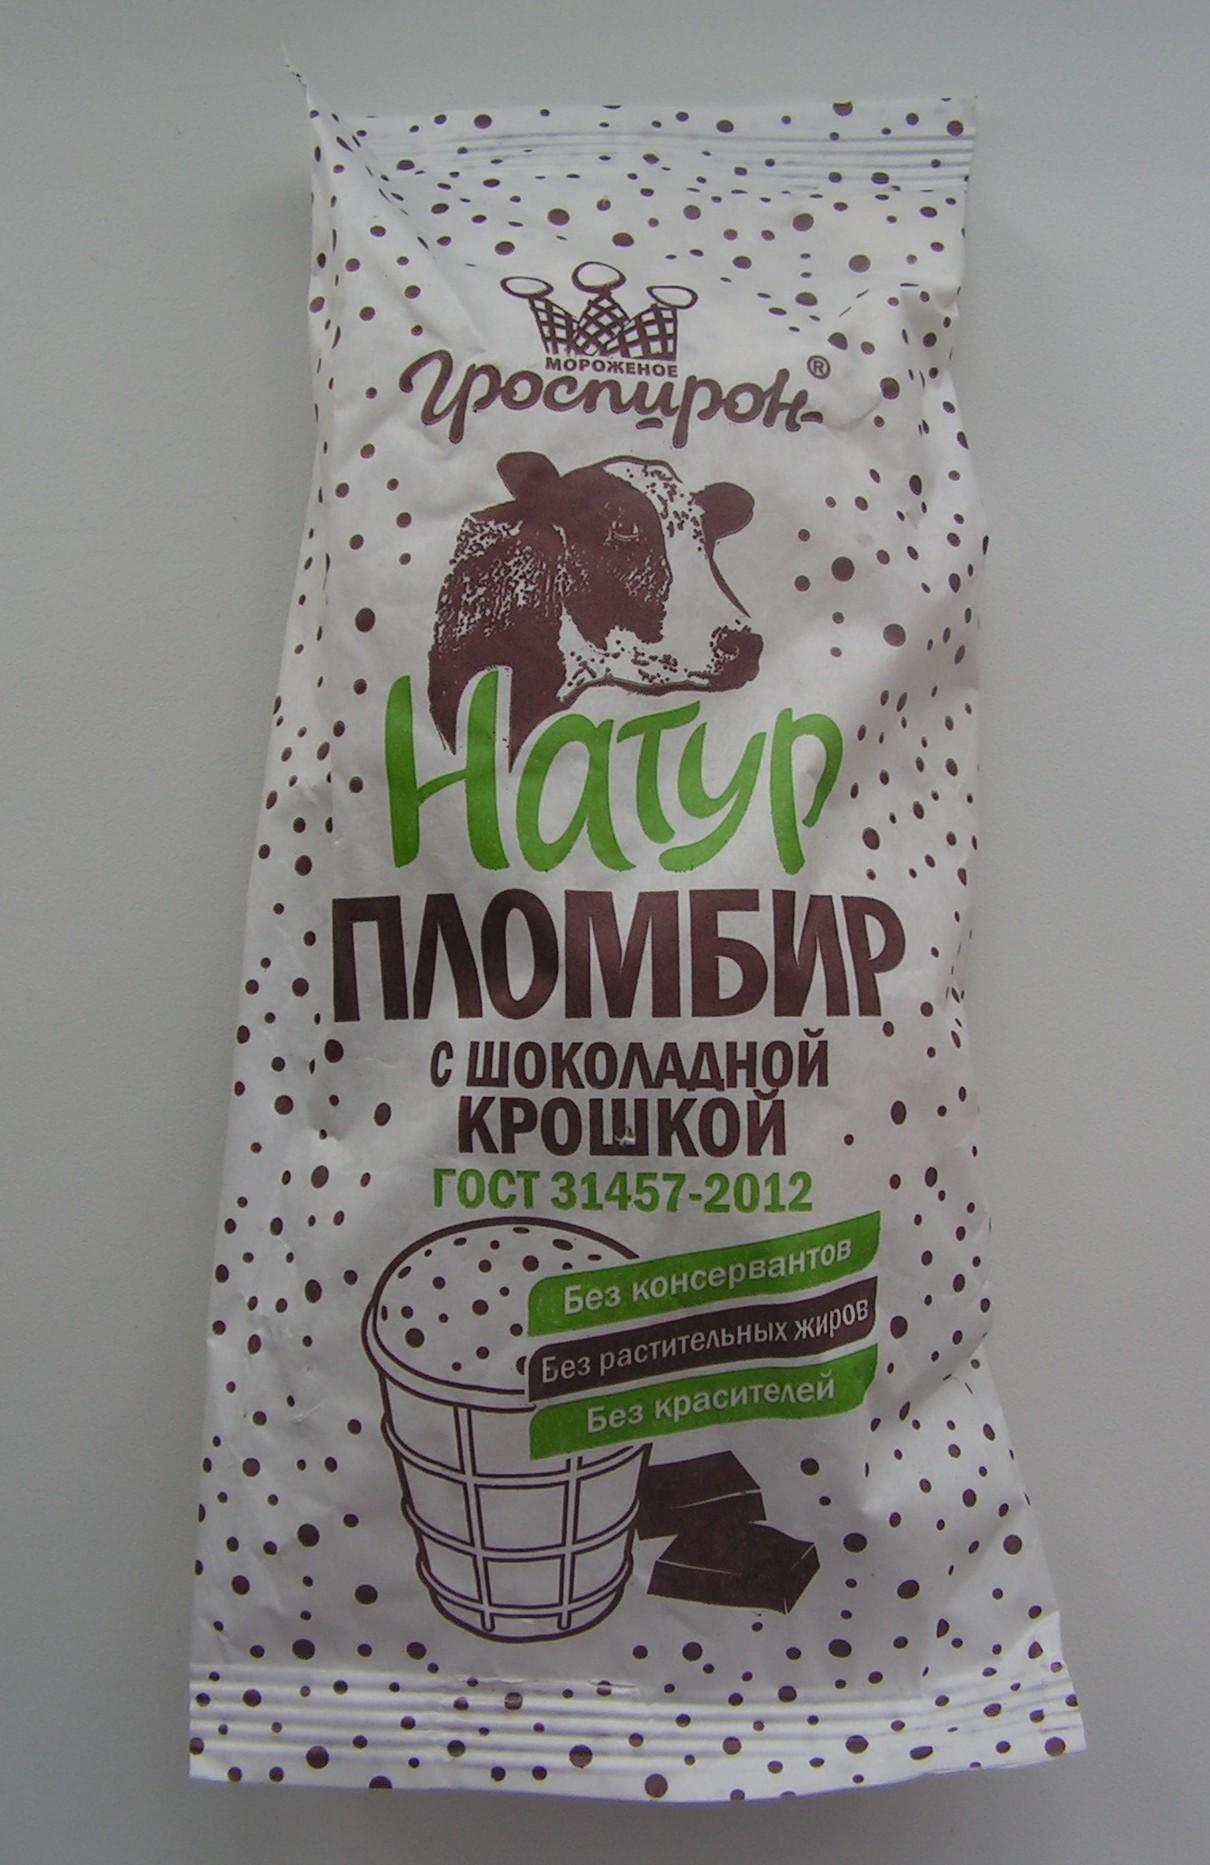 Как сделать мороженое с шоколадной крошкой